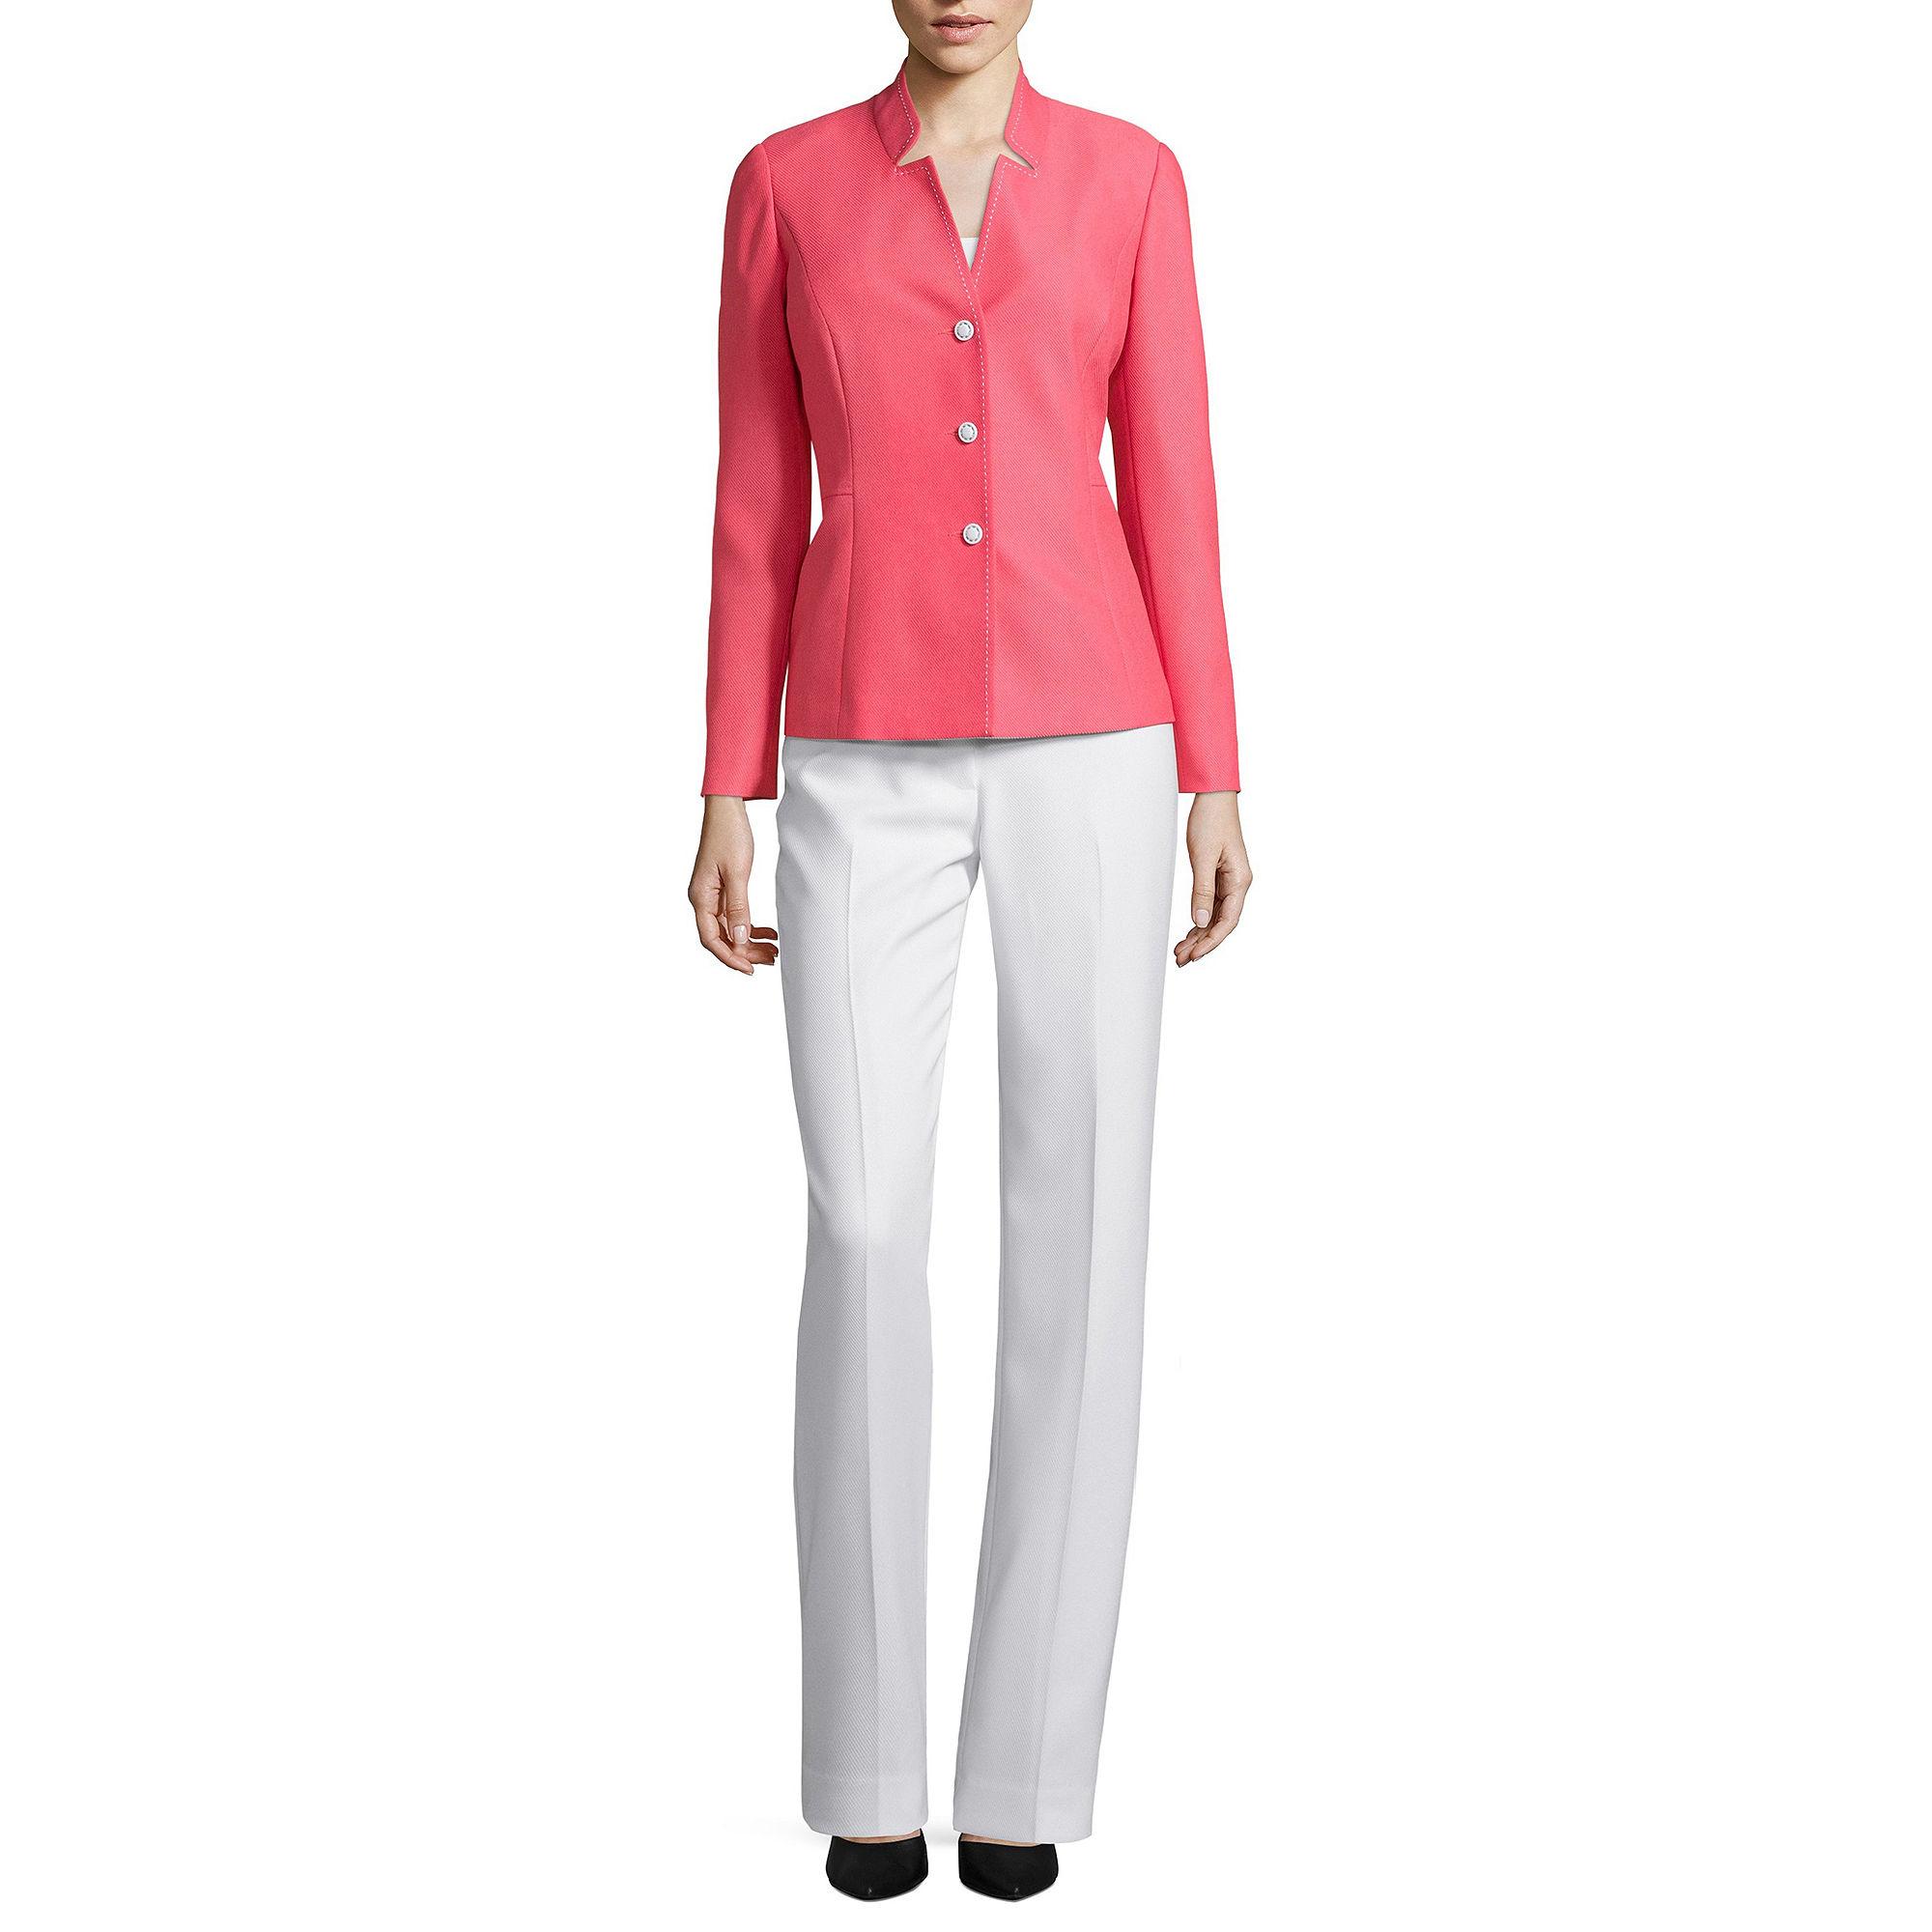 R & K Originals Long Sleeve Jacket and Pants Suit Set